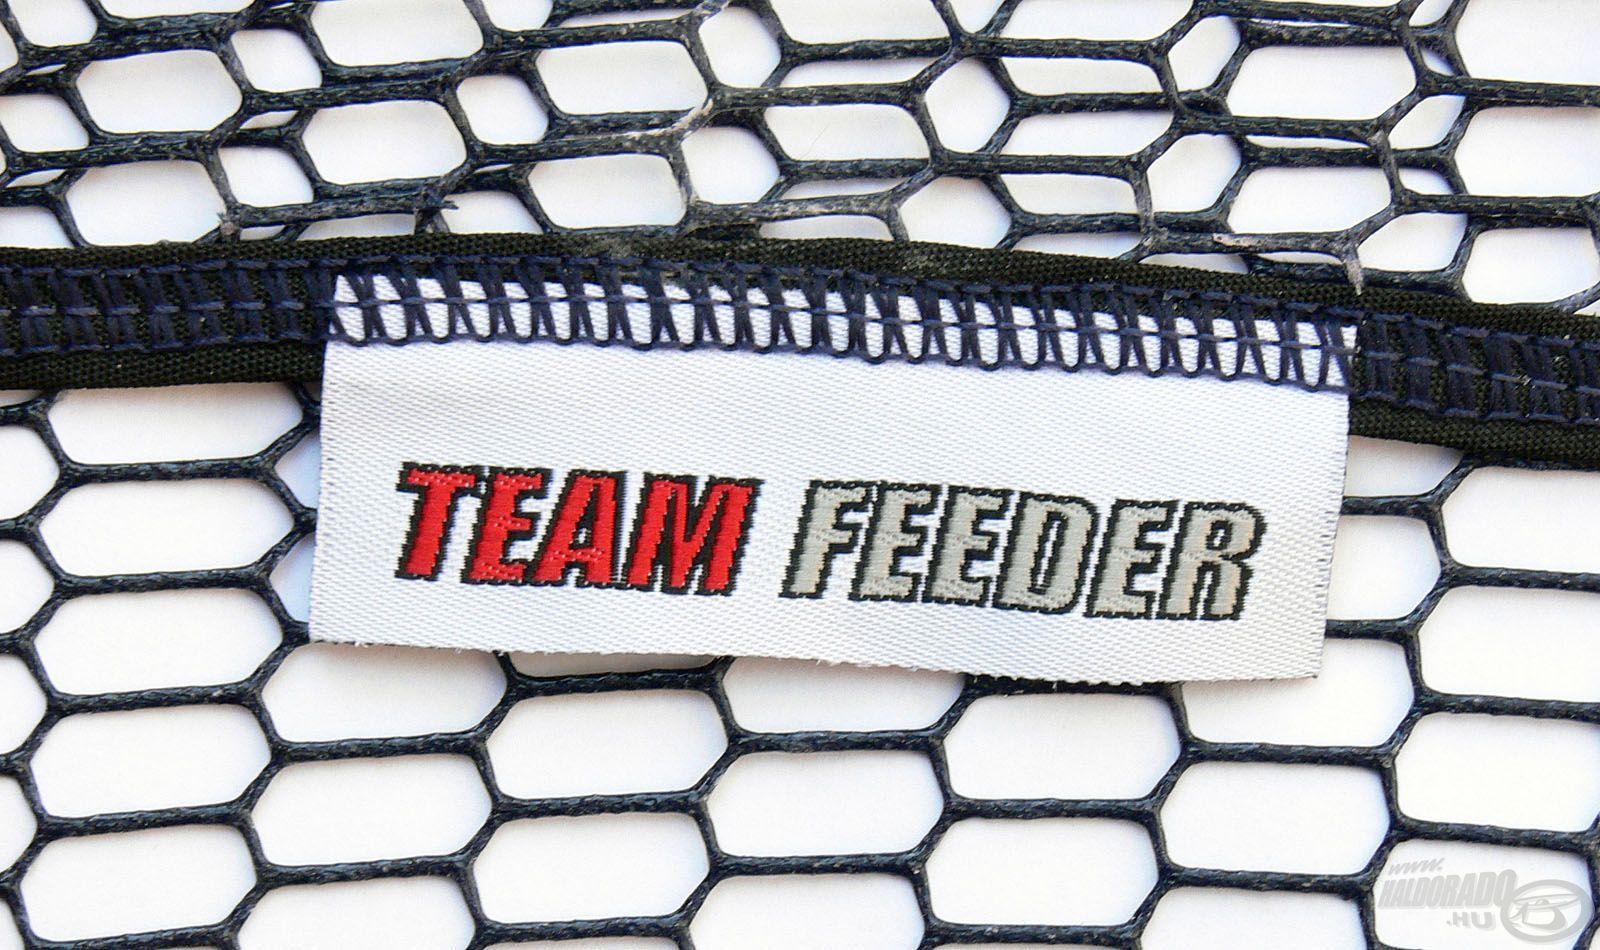 Az erősített varrássoron helyet kapott egy diszkrét TEAM FEEDER címke, amit méltóan visel ez a merítőfej!